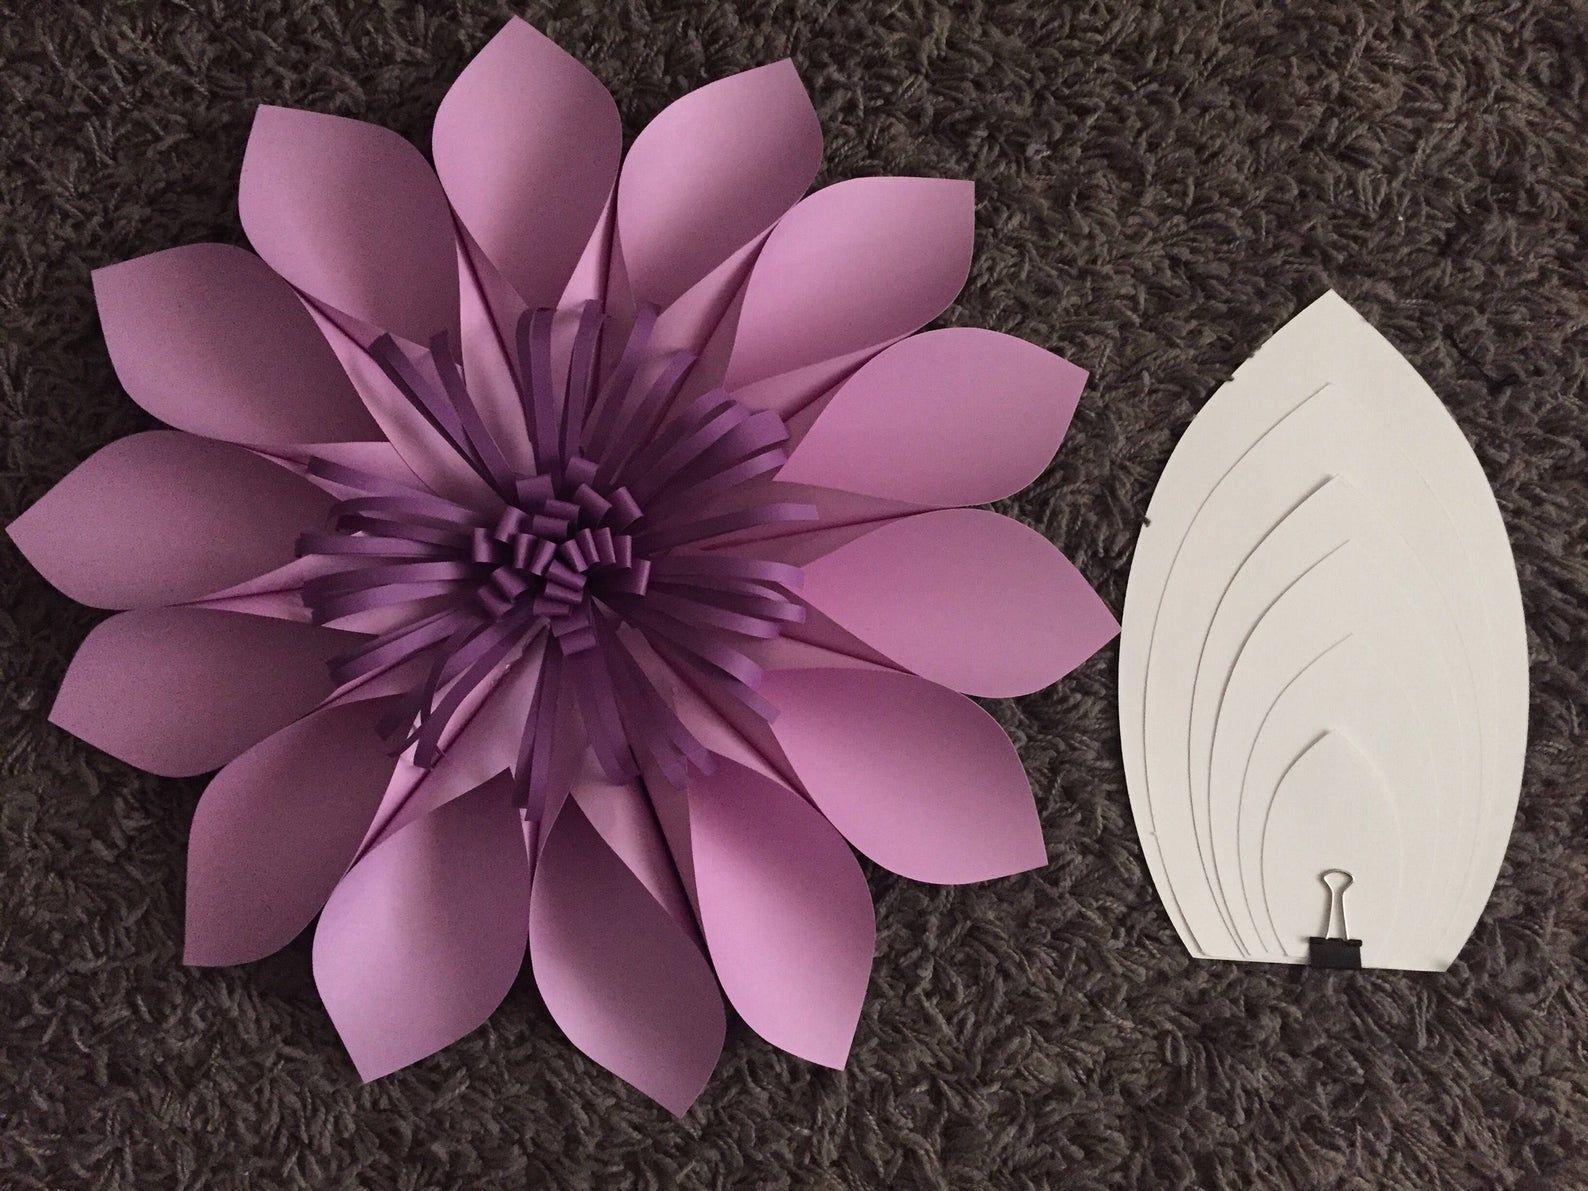 DIY Paper Flower Template #2, Paper flower Backdro